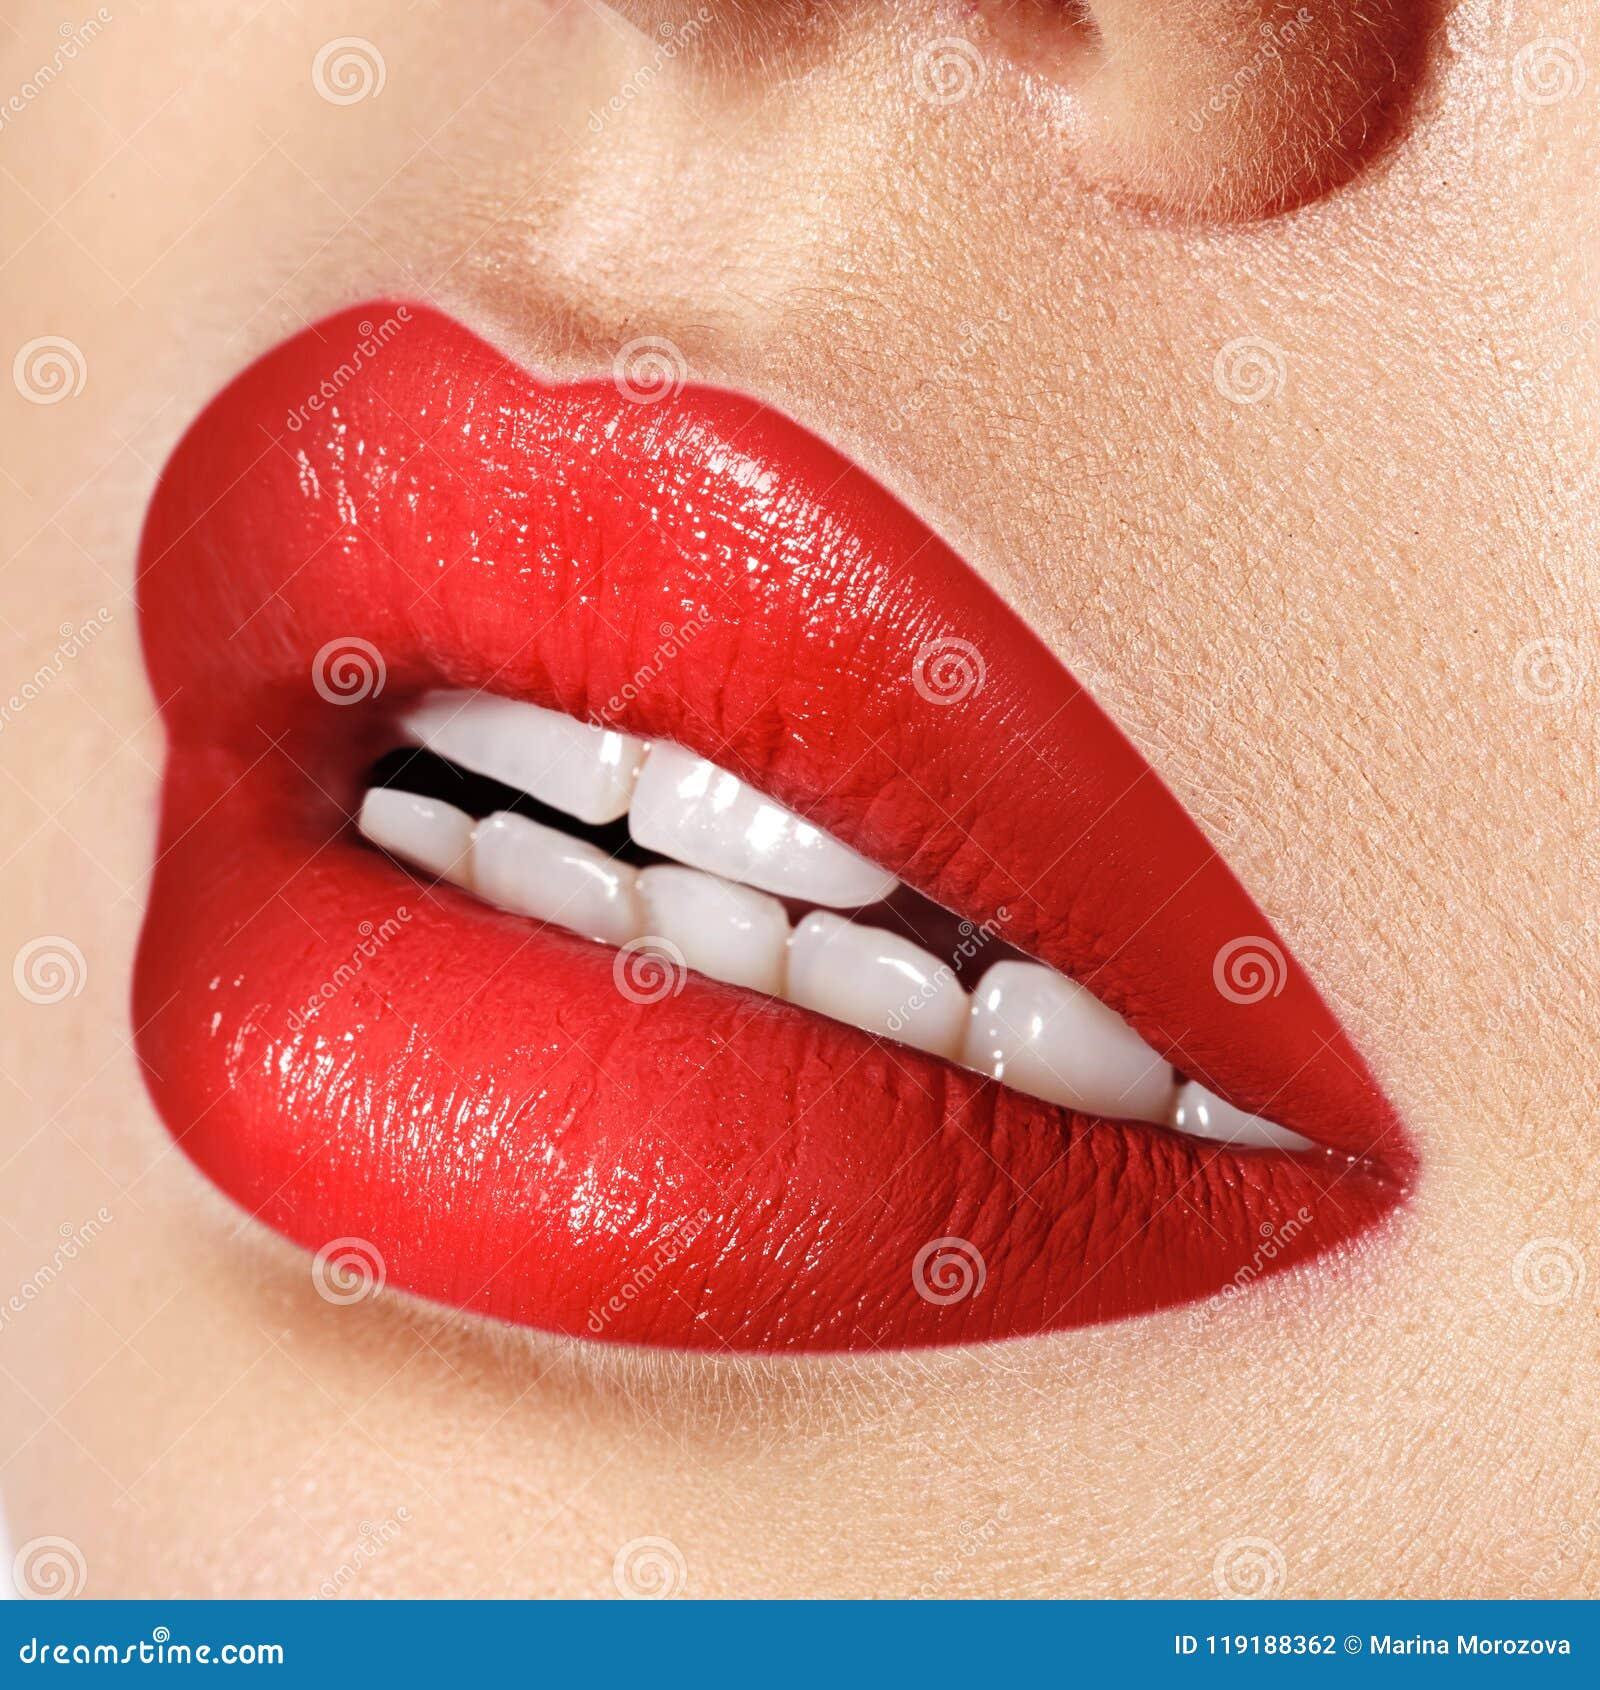 女性嘴特写镜头宏观射击  性感的与淫荡姿态的魅力红色嘴唇构成 红色光泽唇膏